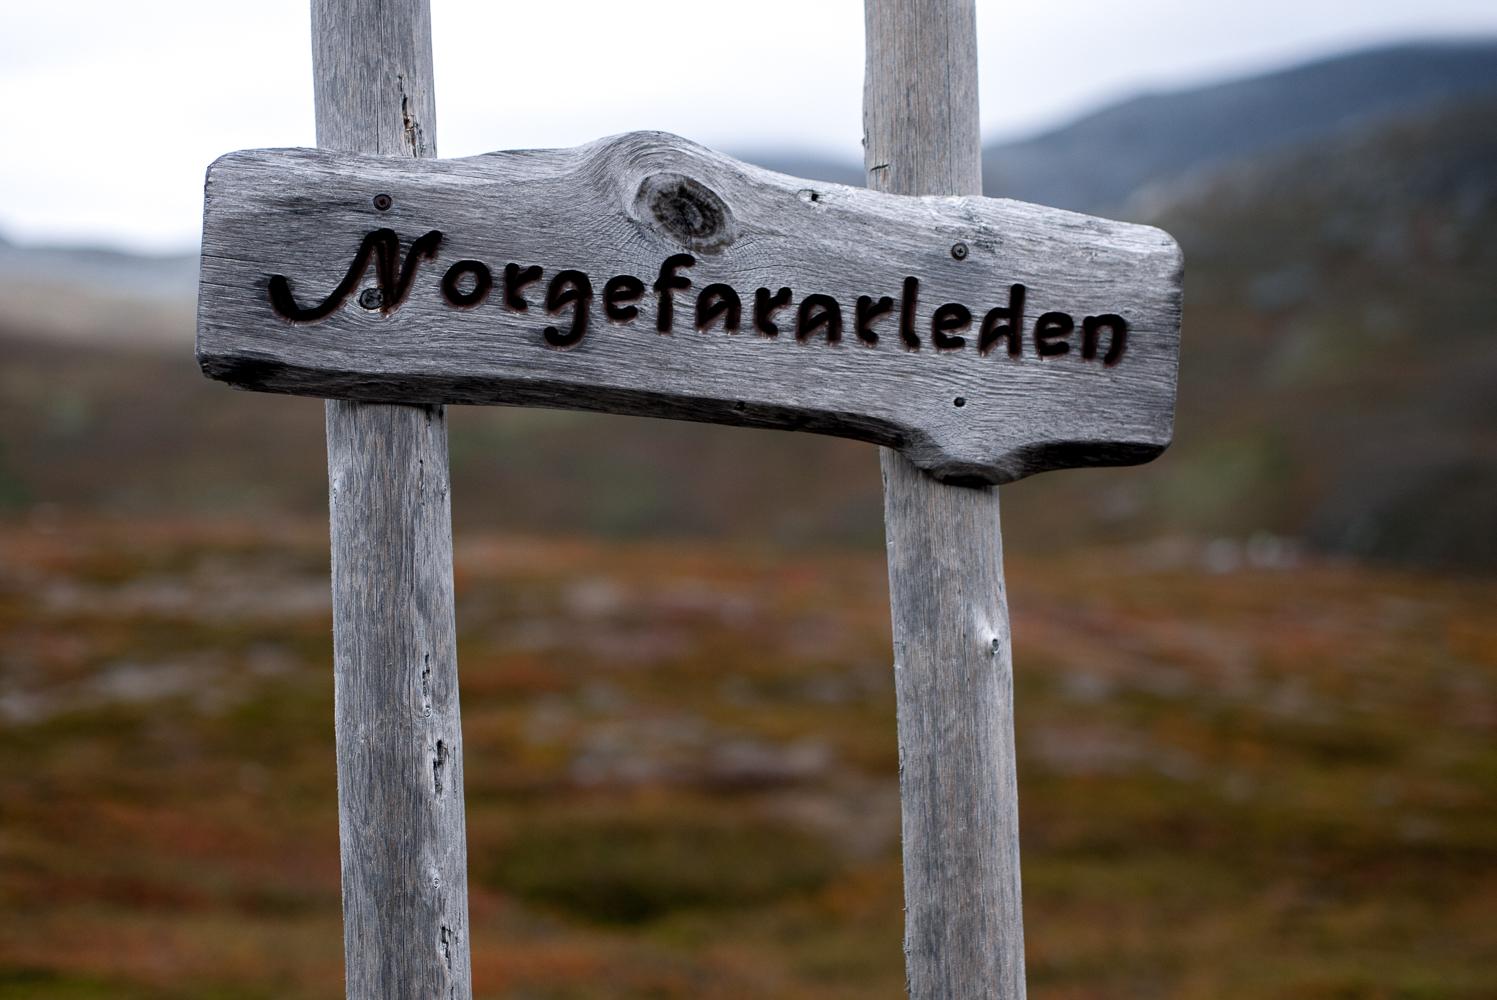 Skylt Norgefararleden